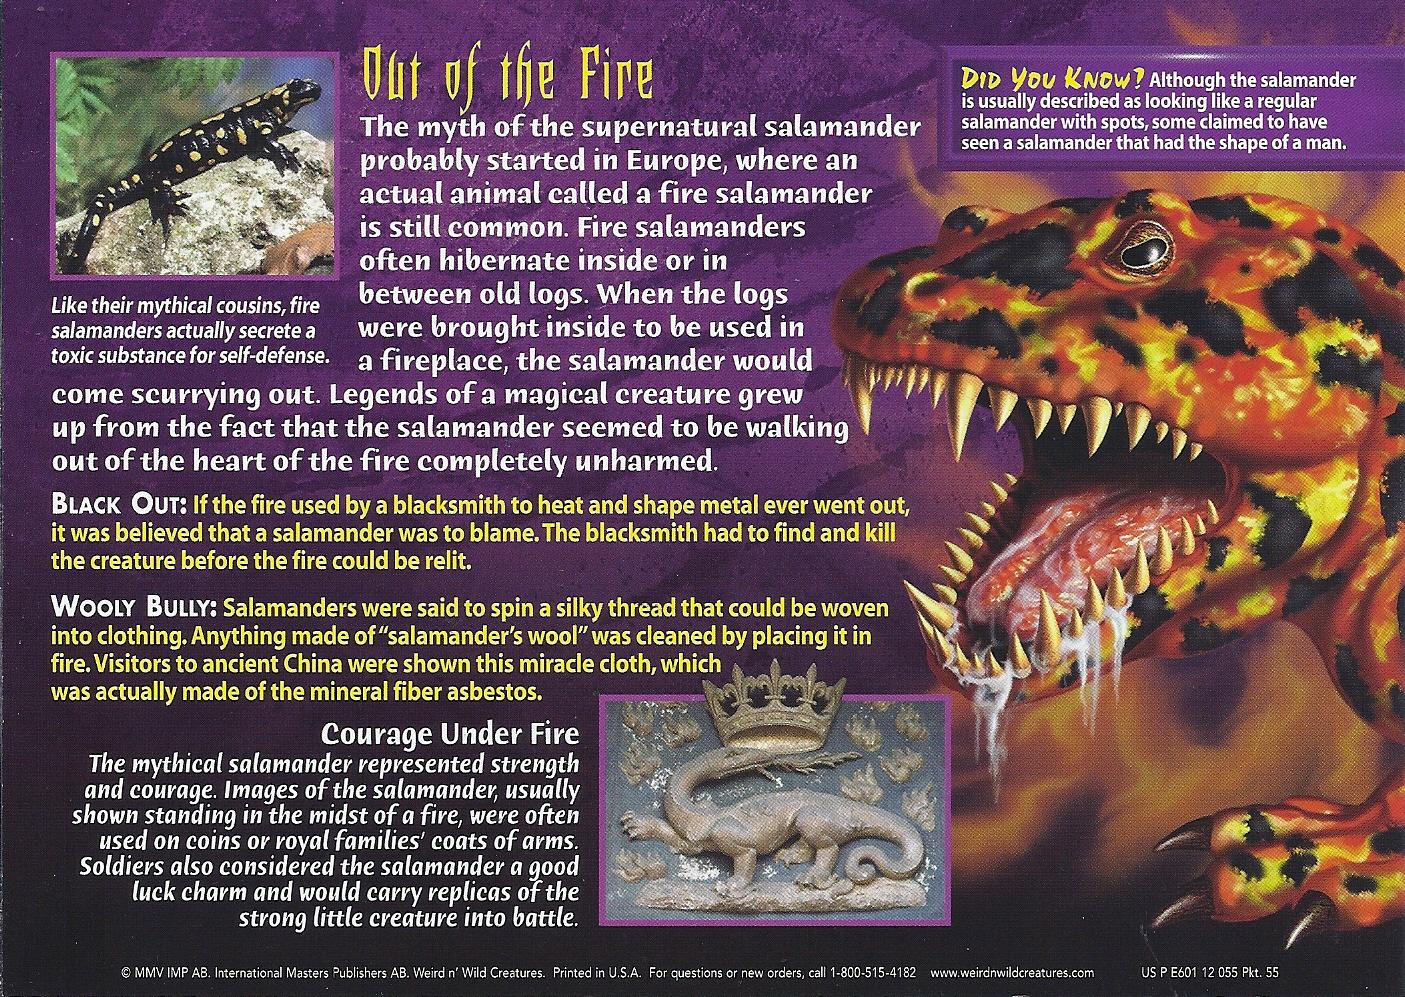 Salamander Wierd N Wild Creatures Wiki